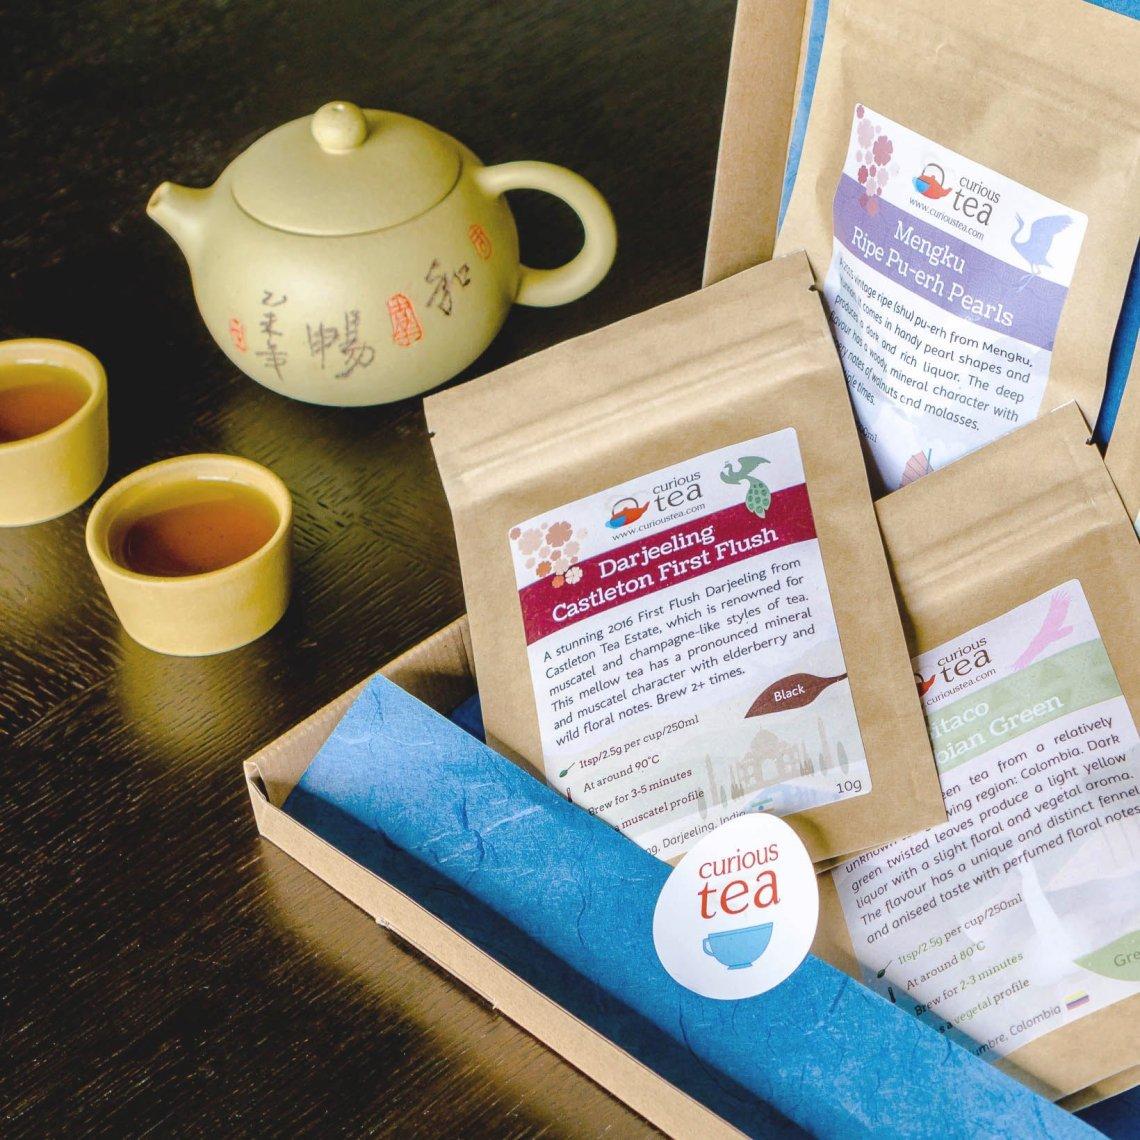 茶叶订阅盒